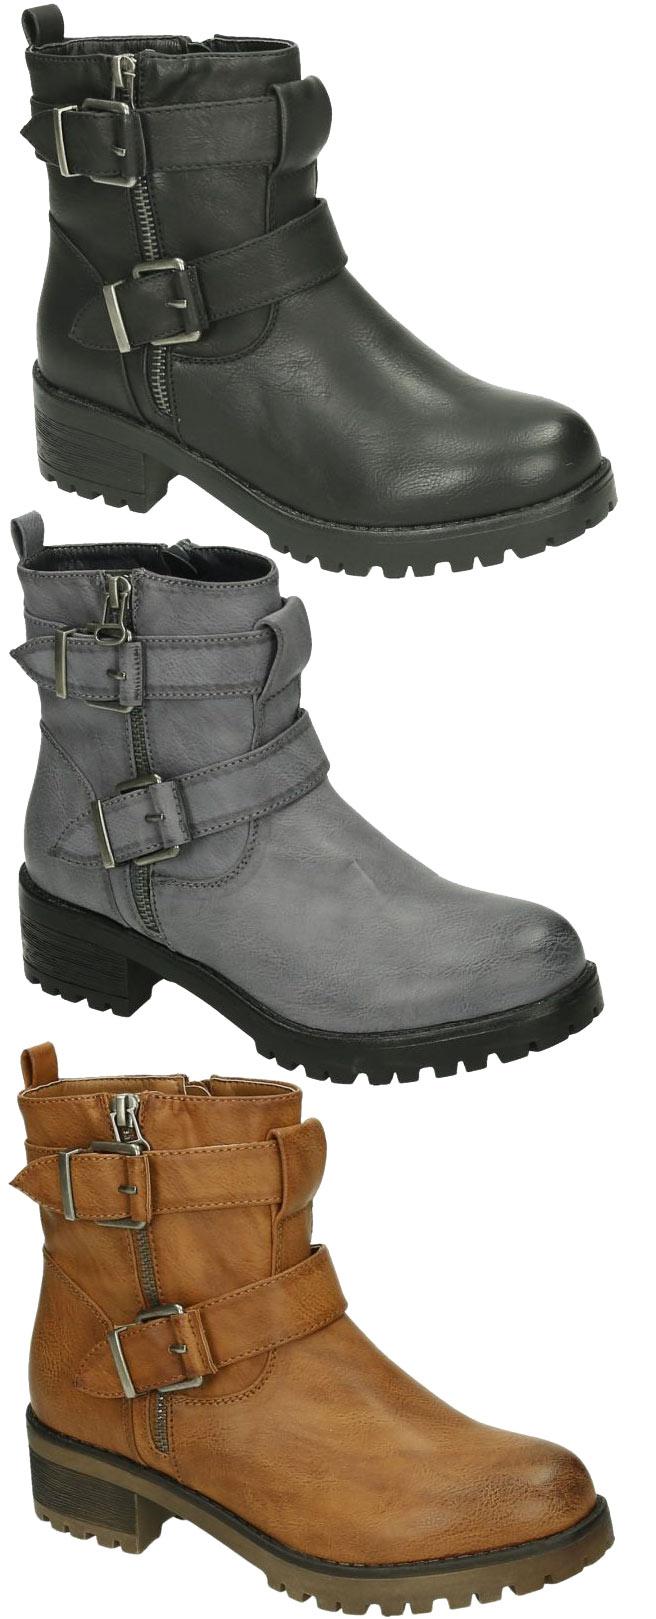 Tekstfoto-biker-boots.jpg